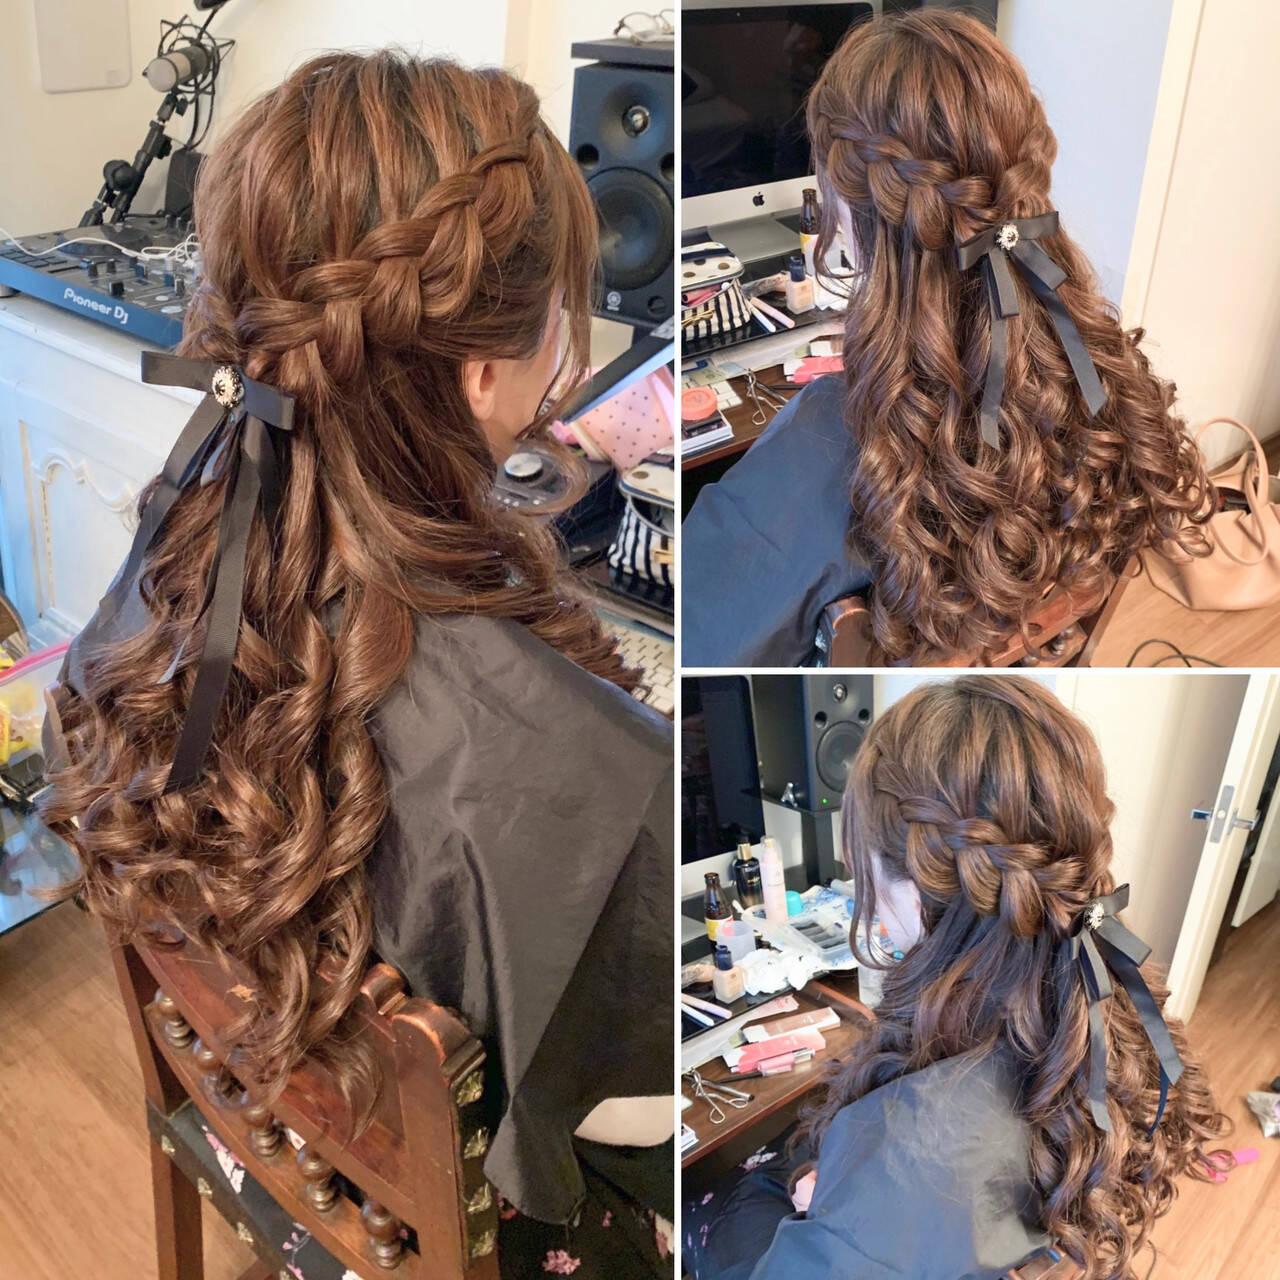 ハーフアップ ガーリー ゴージャス 編み込みヘアヘアスタイルや髪型の写真・画像